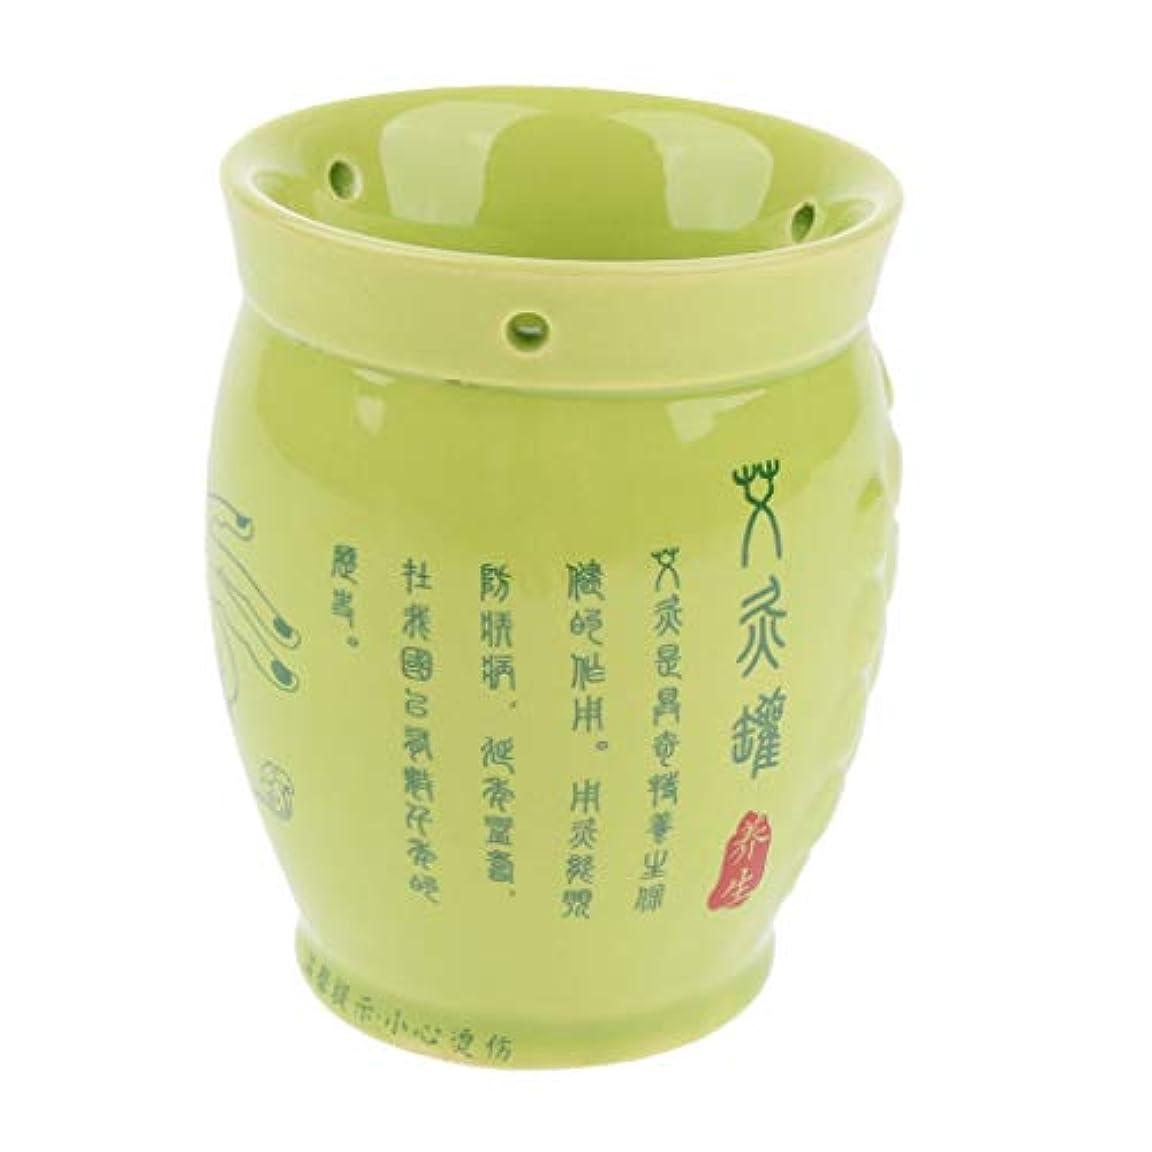 誰ダルセットつかまえるsharprepublic 全身マッサージ カッピングカップ 缶 ポット お灸 中国式 セラミック リラックス 男女兼用